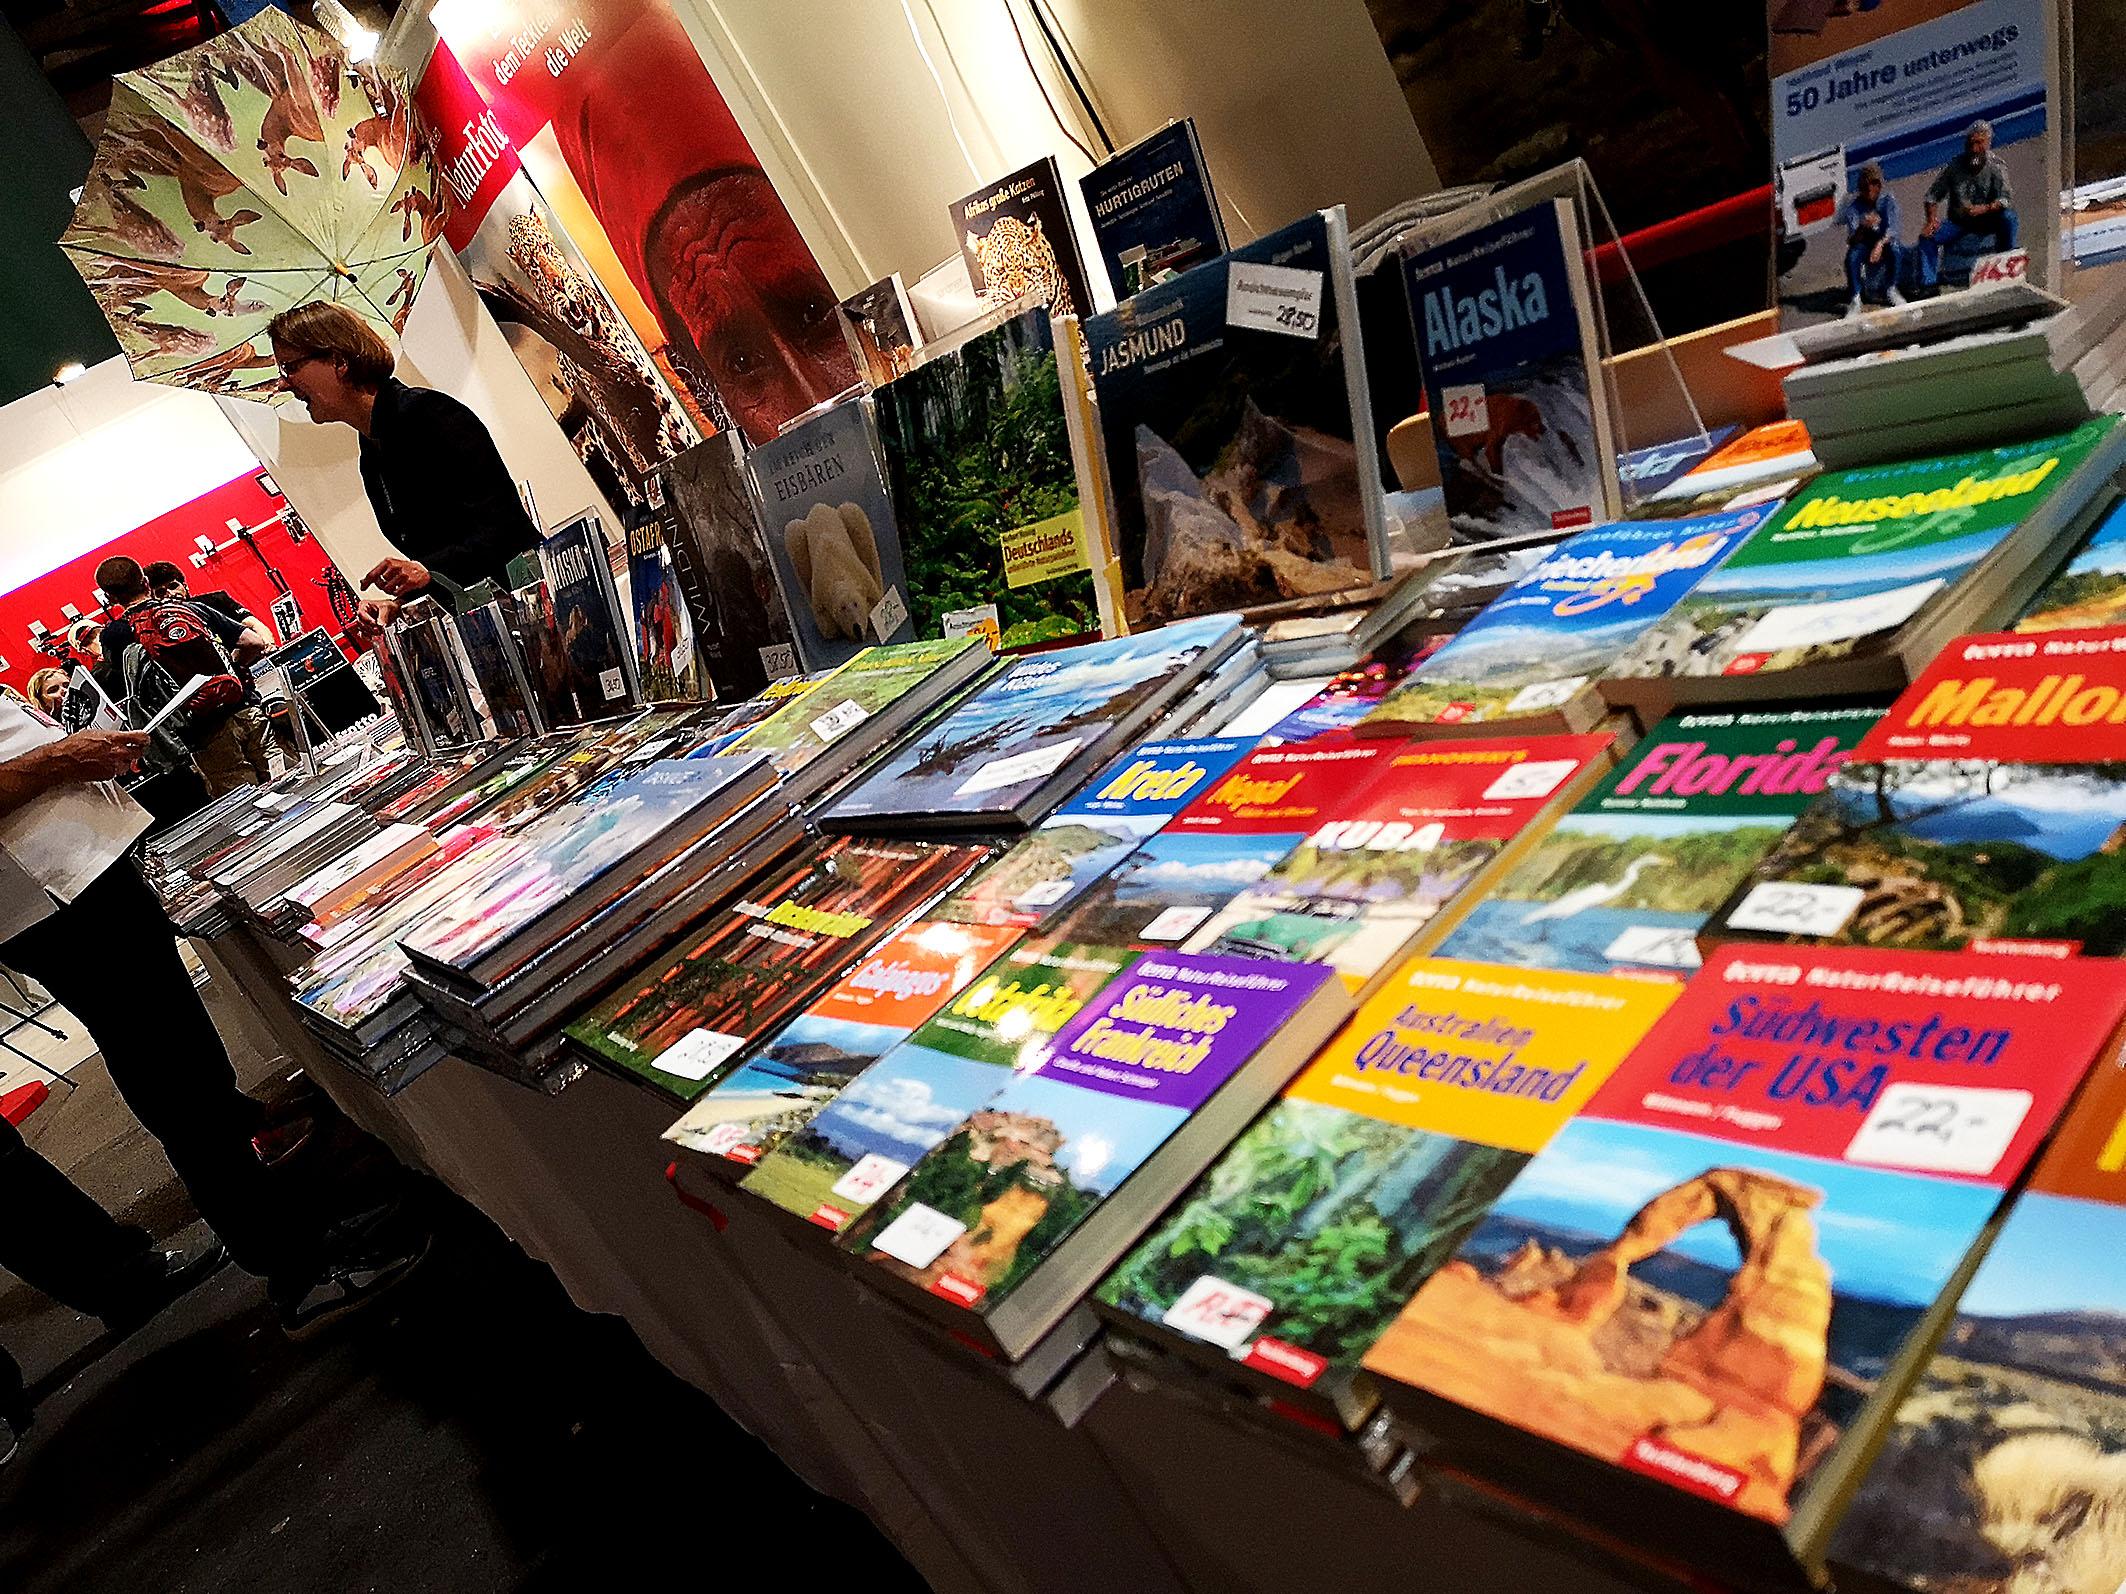 Kataloge und Reisebücher soweit das Auge reicht. Hier fand wohl jeder das Richtige für seinen nächsten Urlaub. Foto: Michael B. Rehders